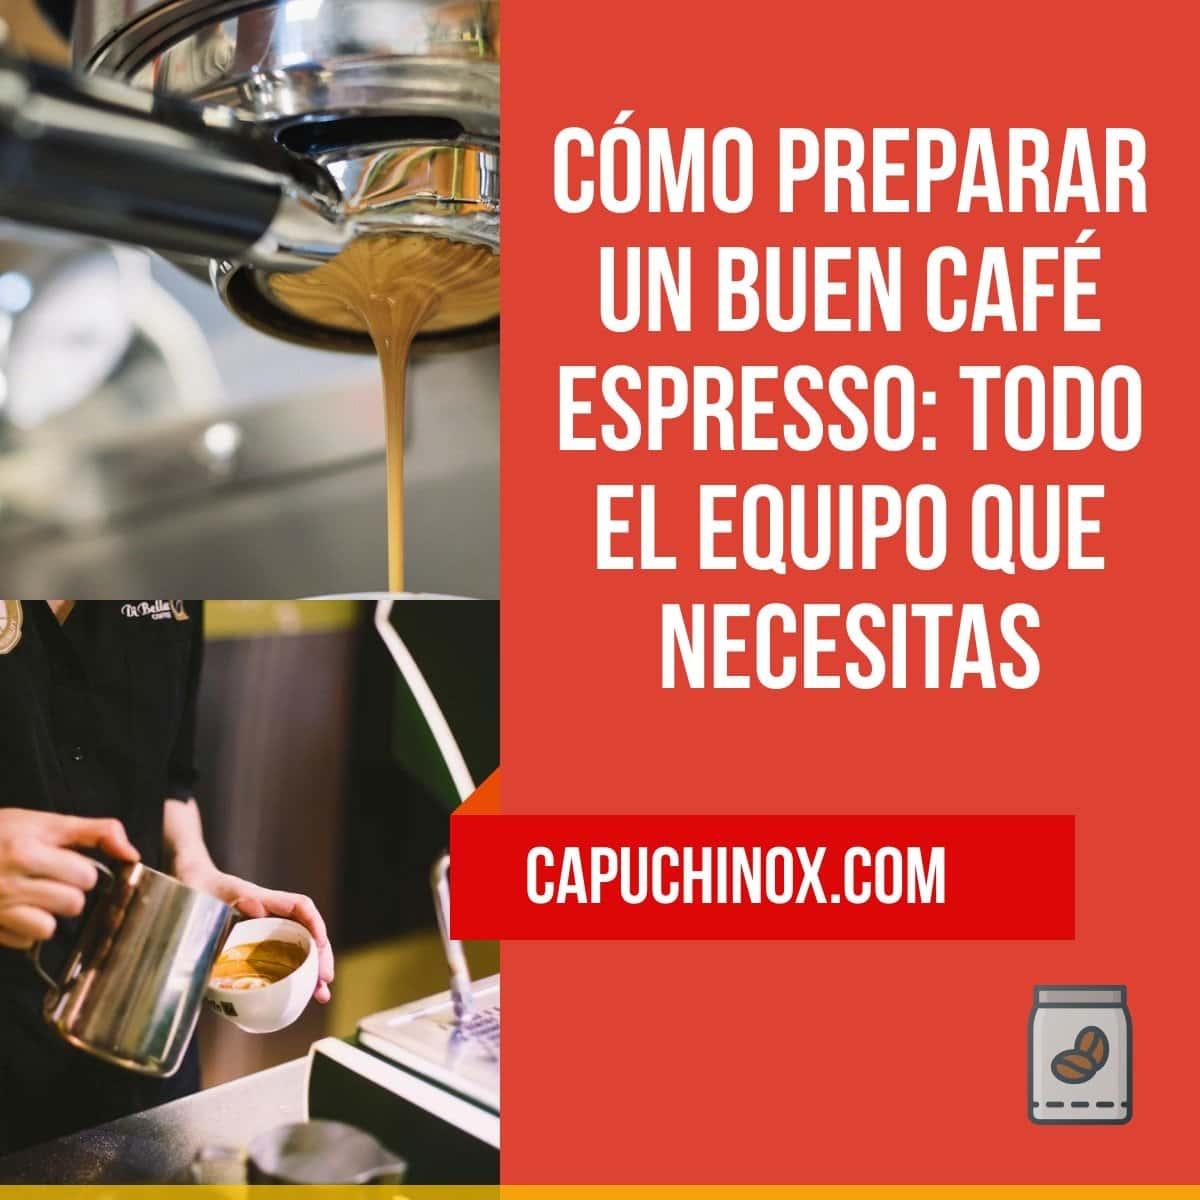 Todo lo que tienes que saber y comprar para preparar un buen café espresso italiano